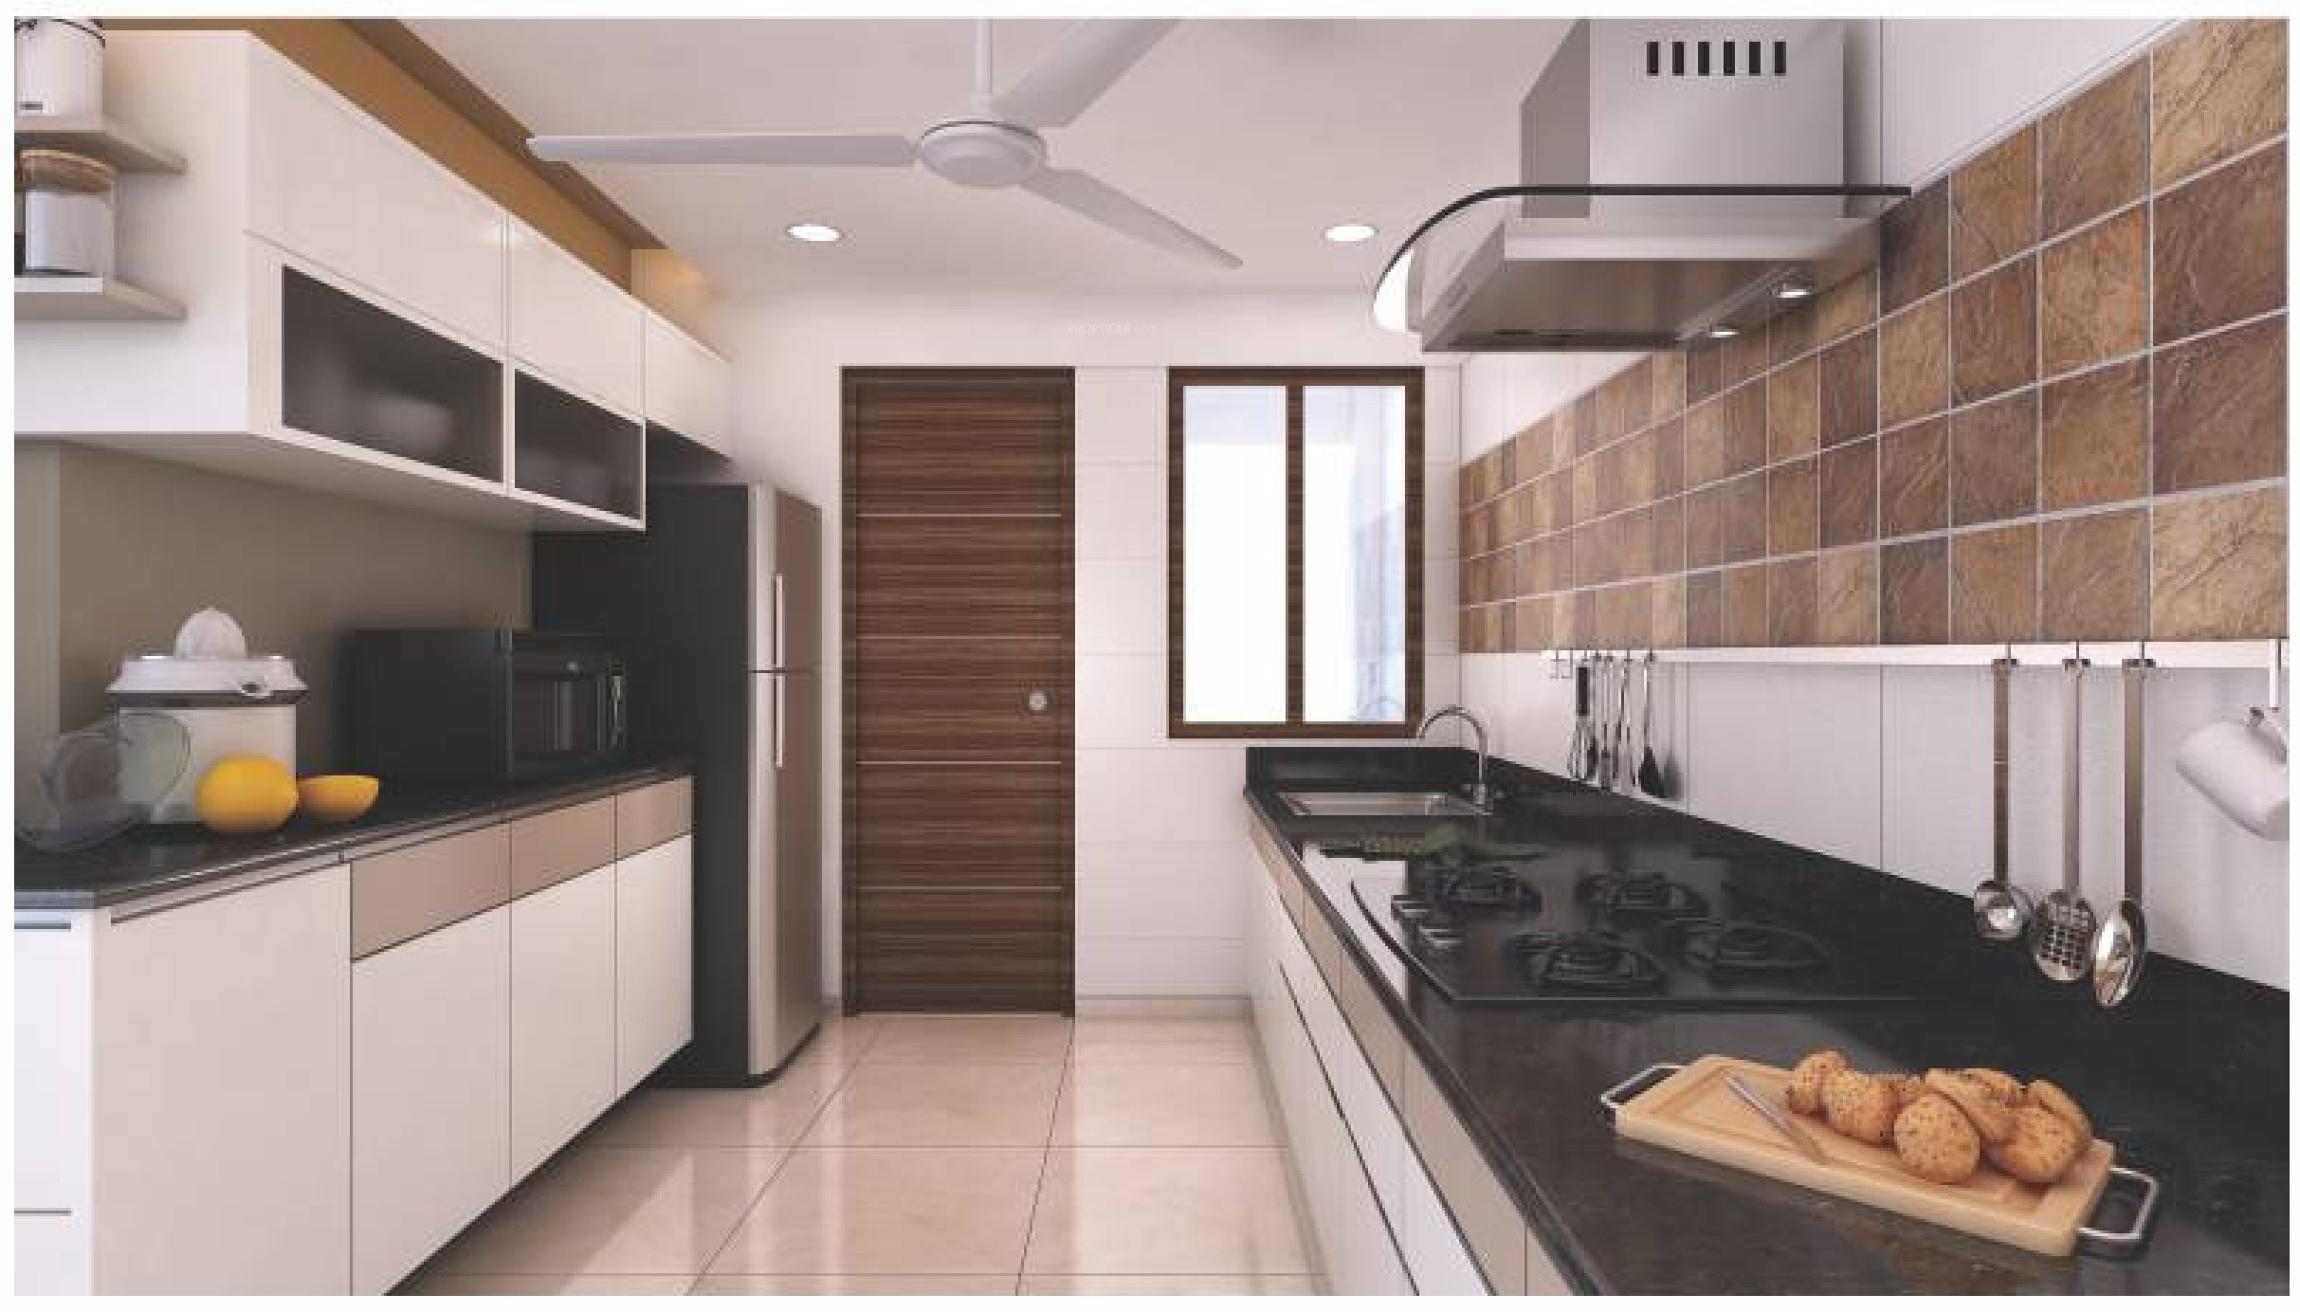 1530 Sq Ft 2 Bhk 2t Apartment For Sale In Sarthak Builder Fortune Urjanagar Gandhinagar